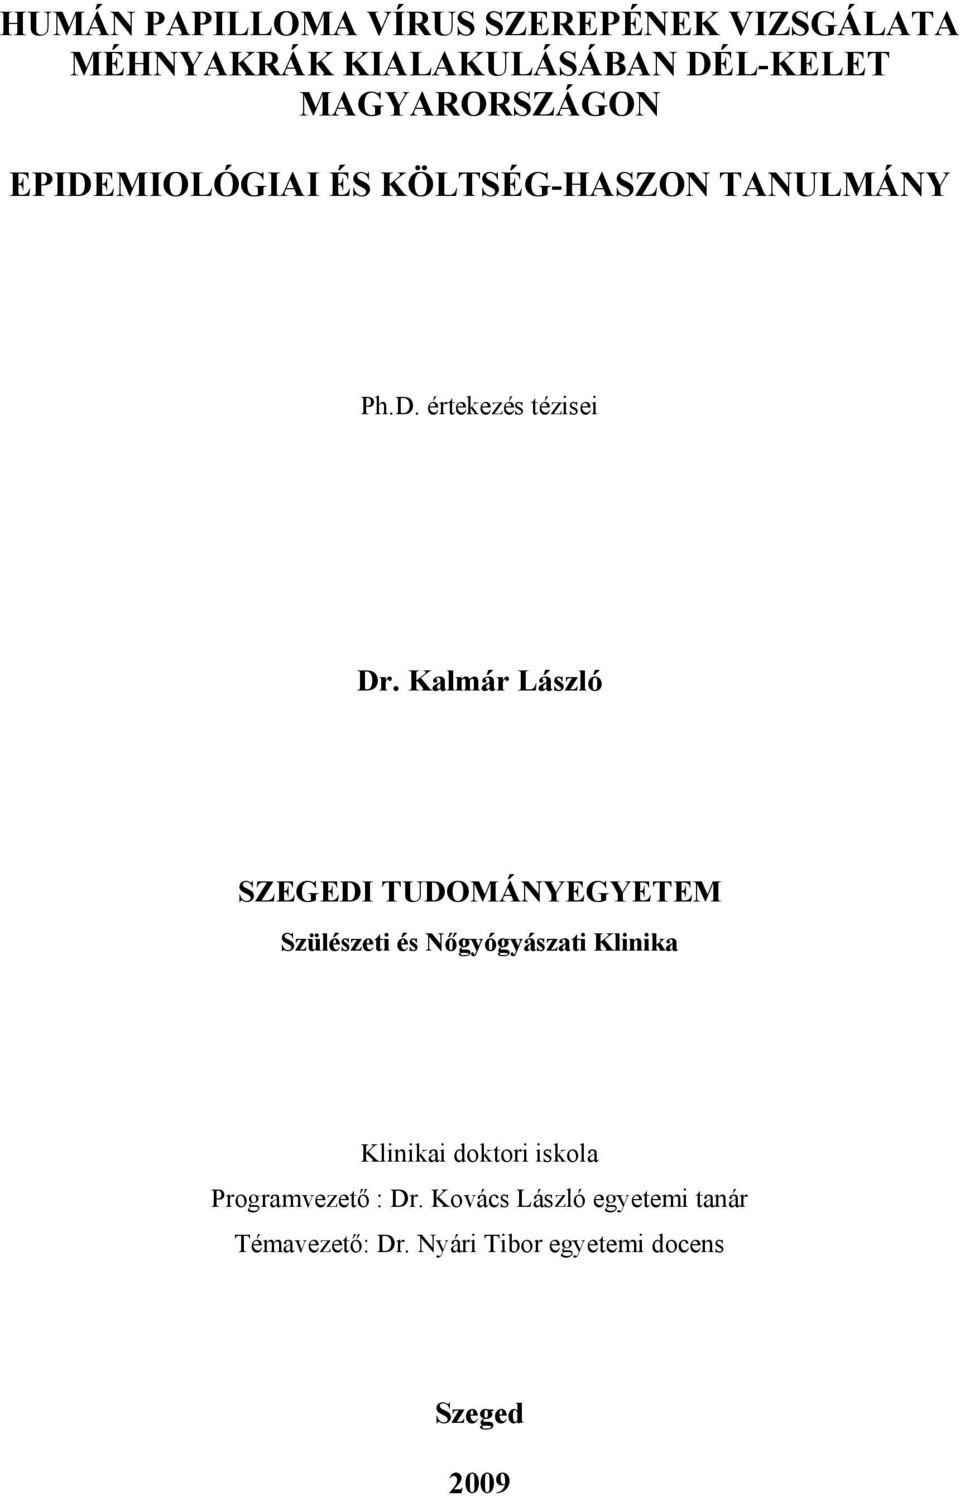 humán papillomavírus vizsgálatok